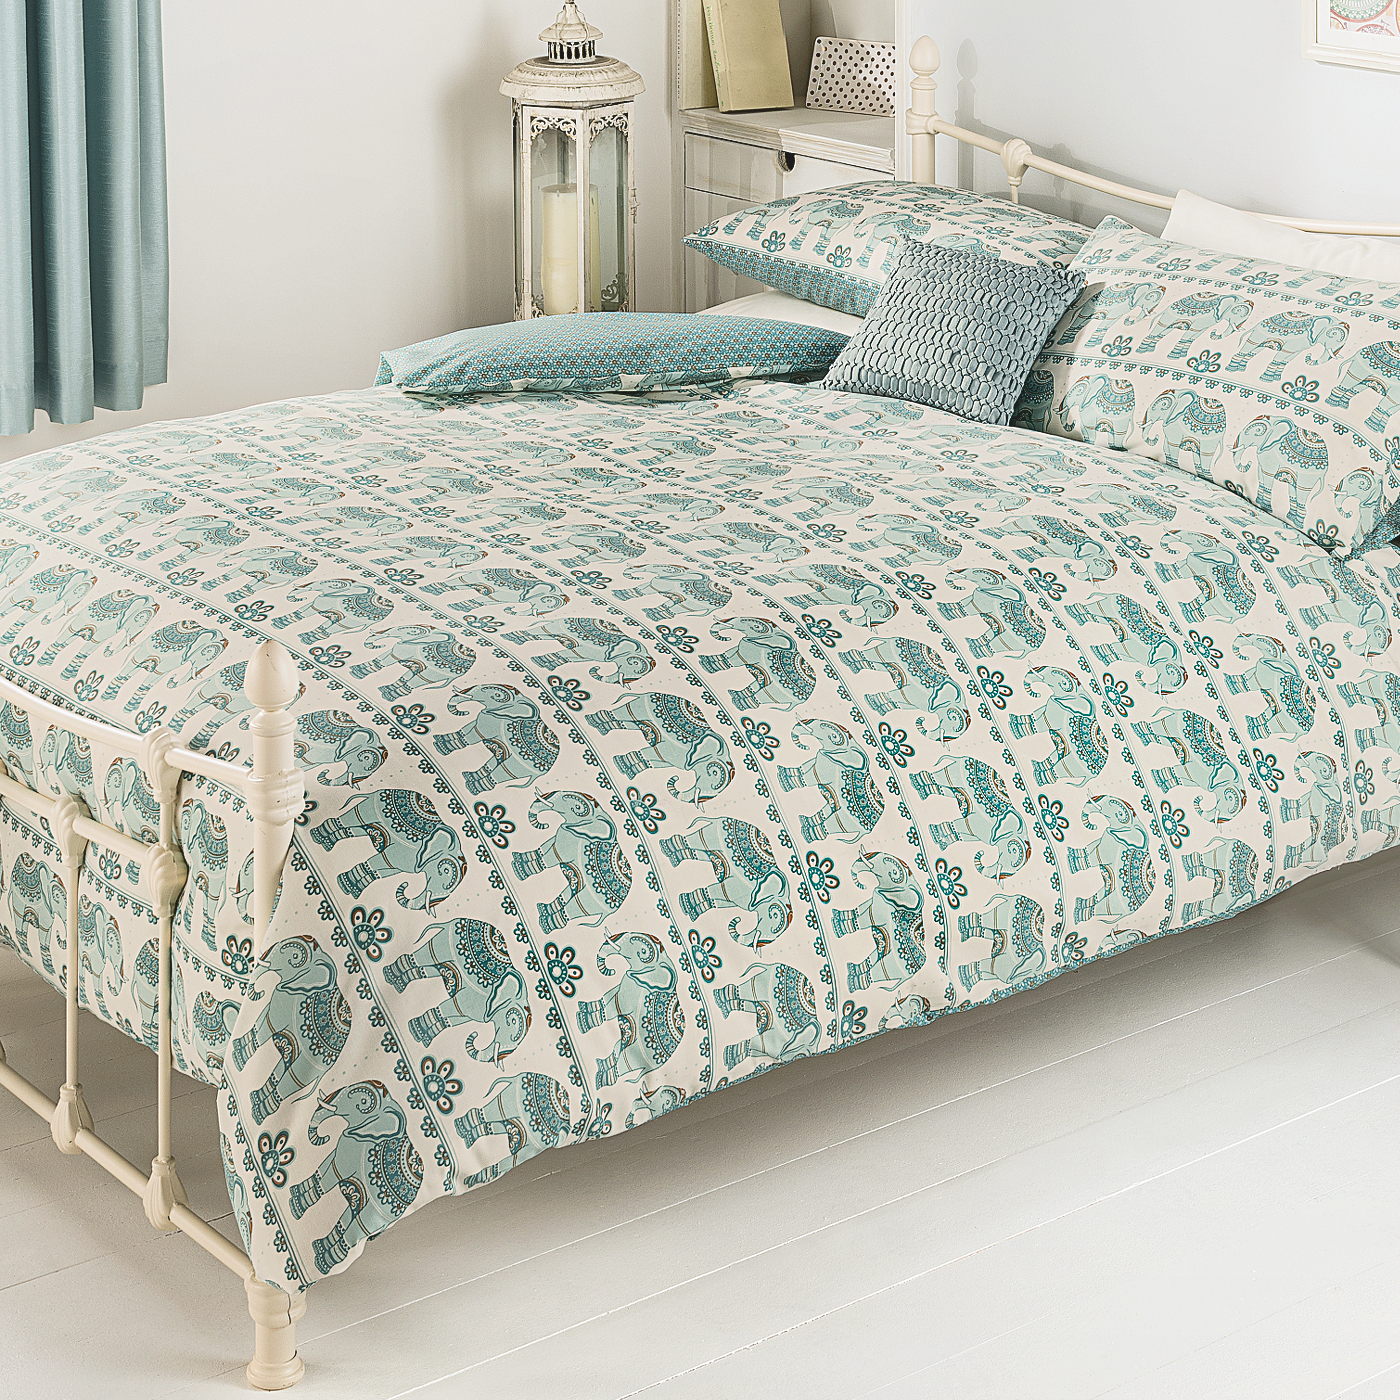 Asda Bedding Sets